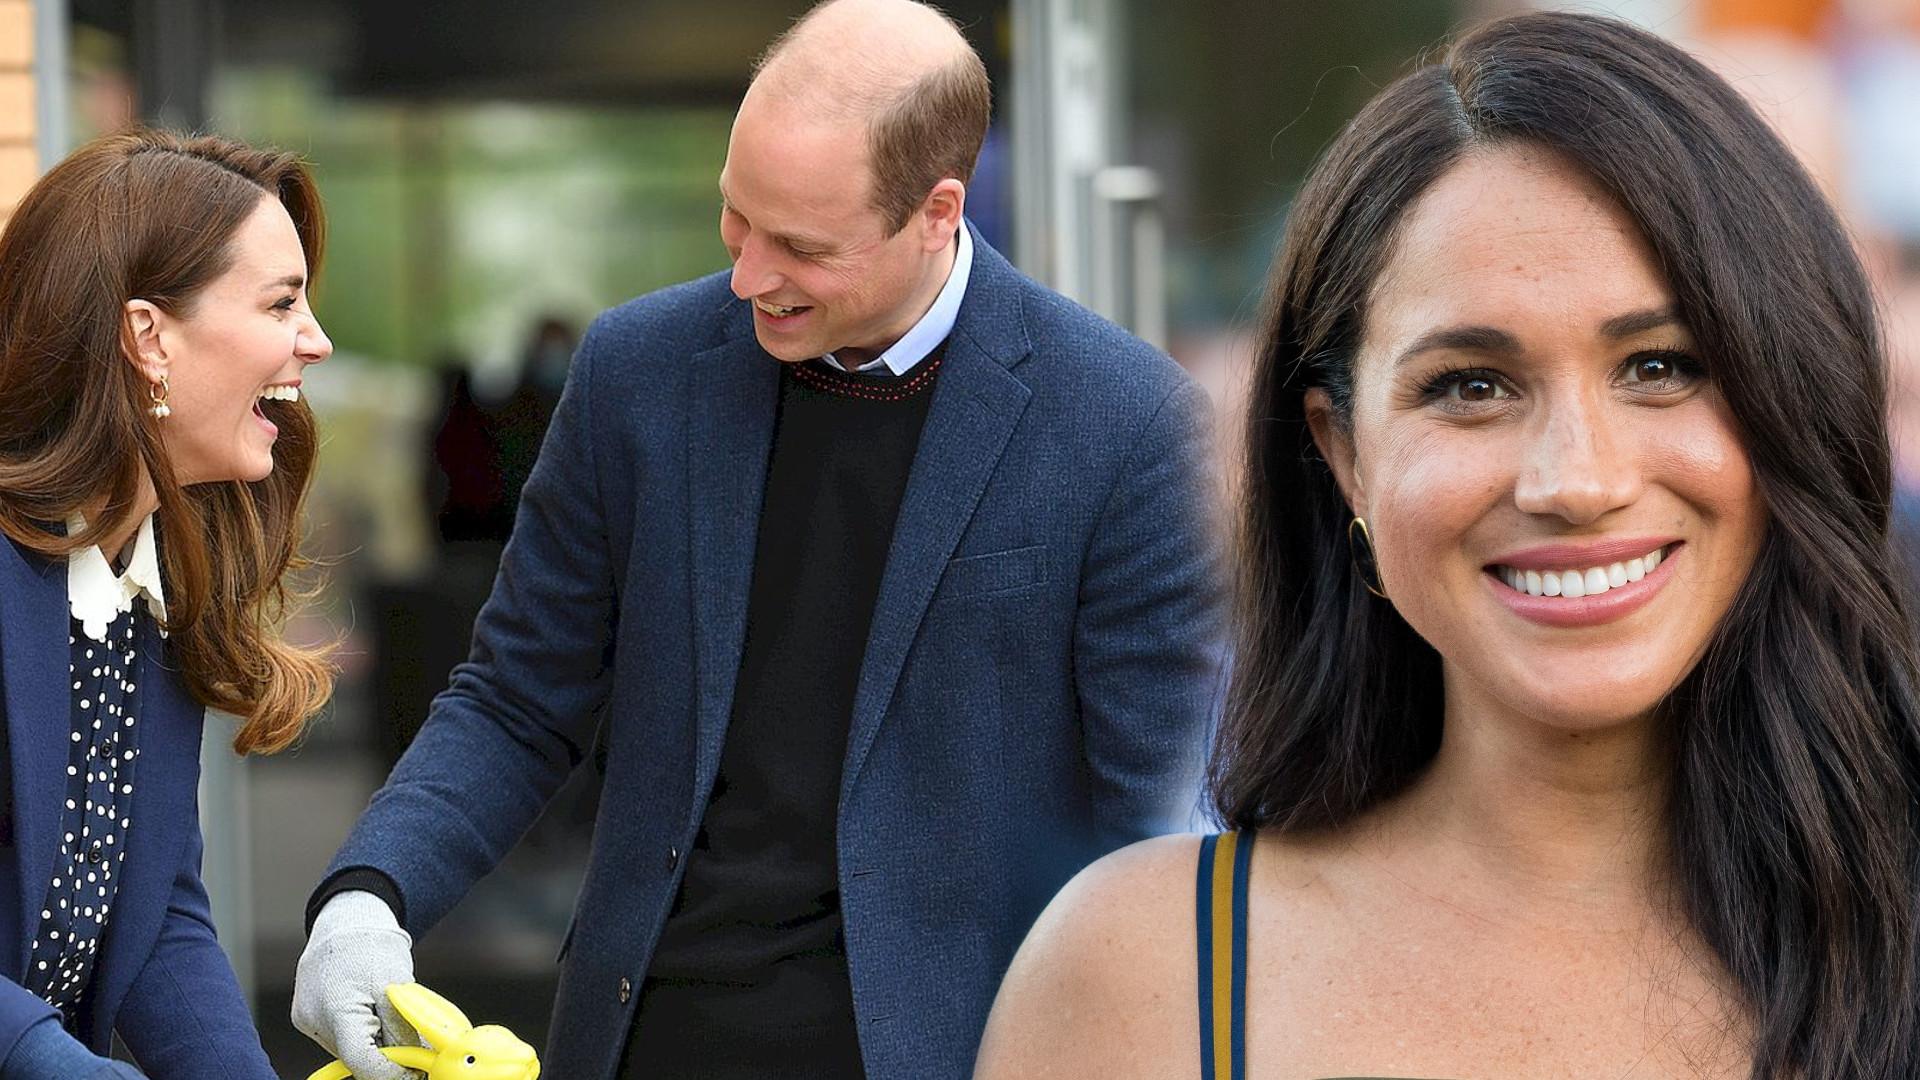 Kate i William złożyli ŻYCZENIA Meghan Markle na Instagramie! Dodali piękne zdjęcie